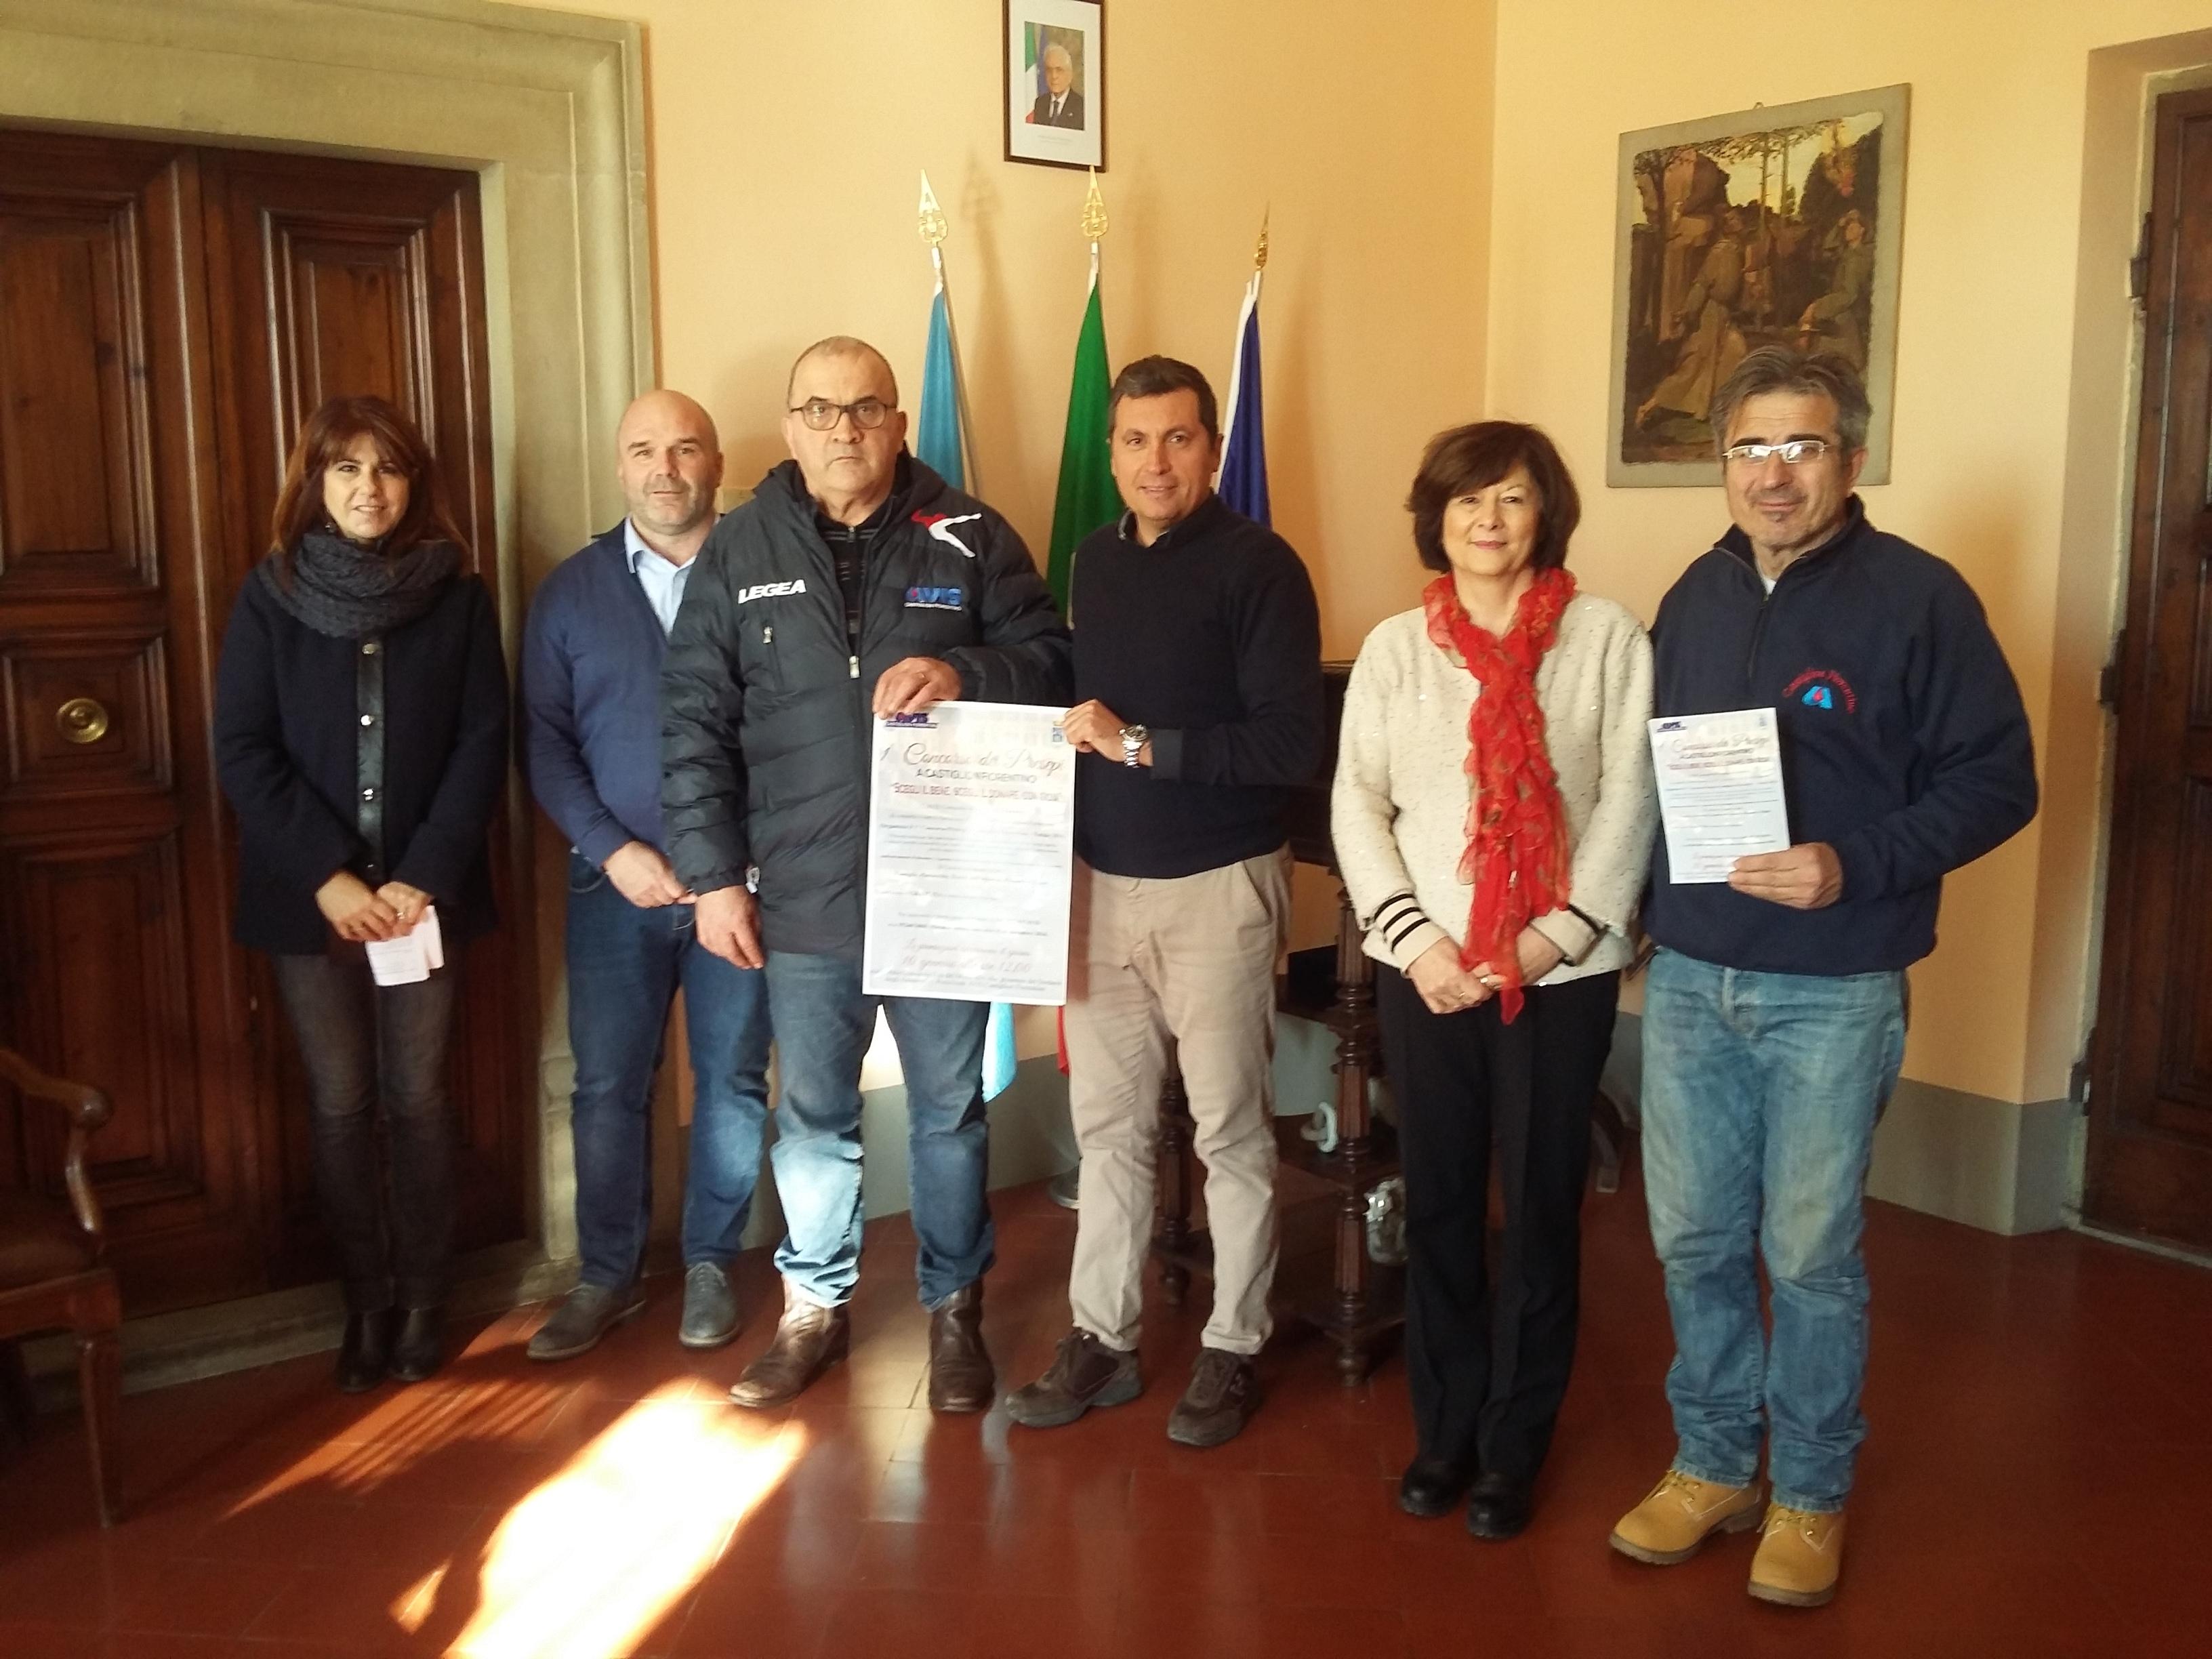 Concorso dei Presepi promosso dall'Avis a Castiglion Fiorentino